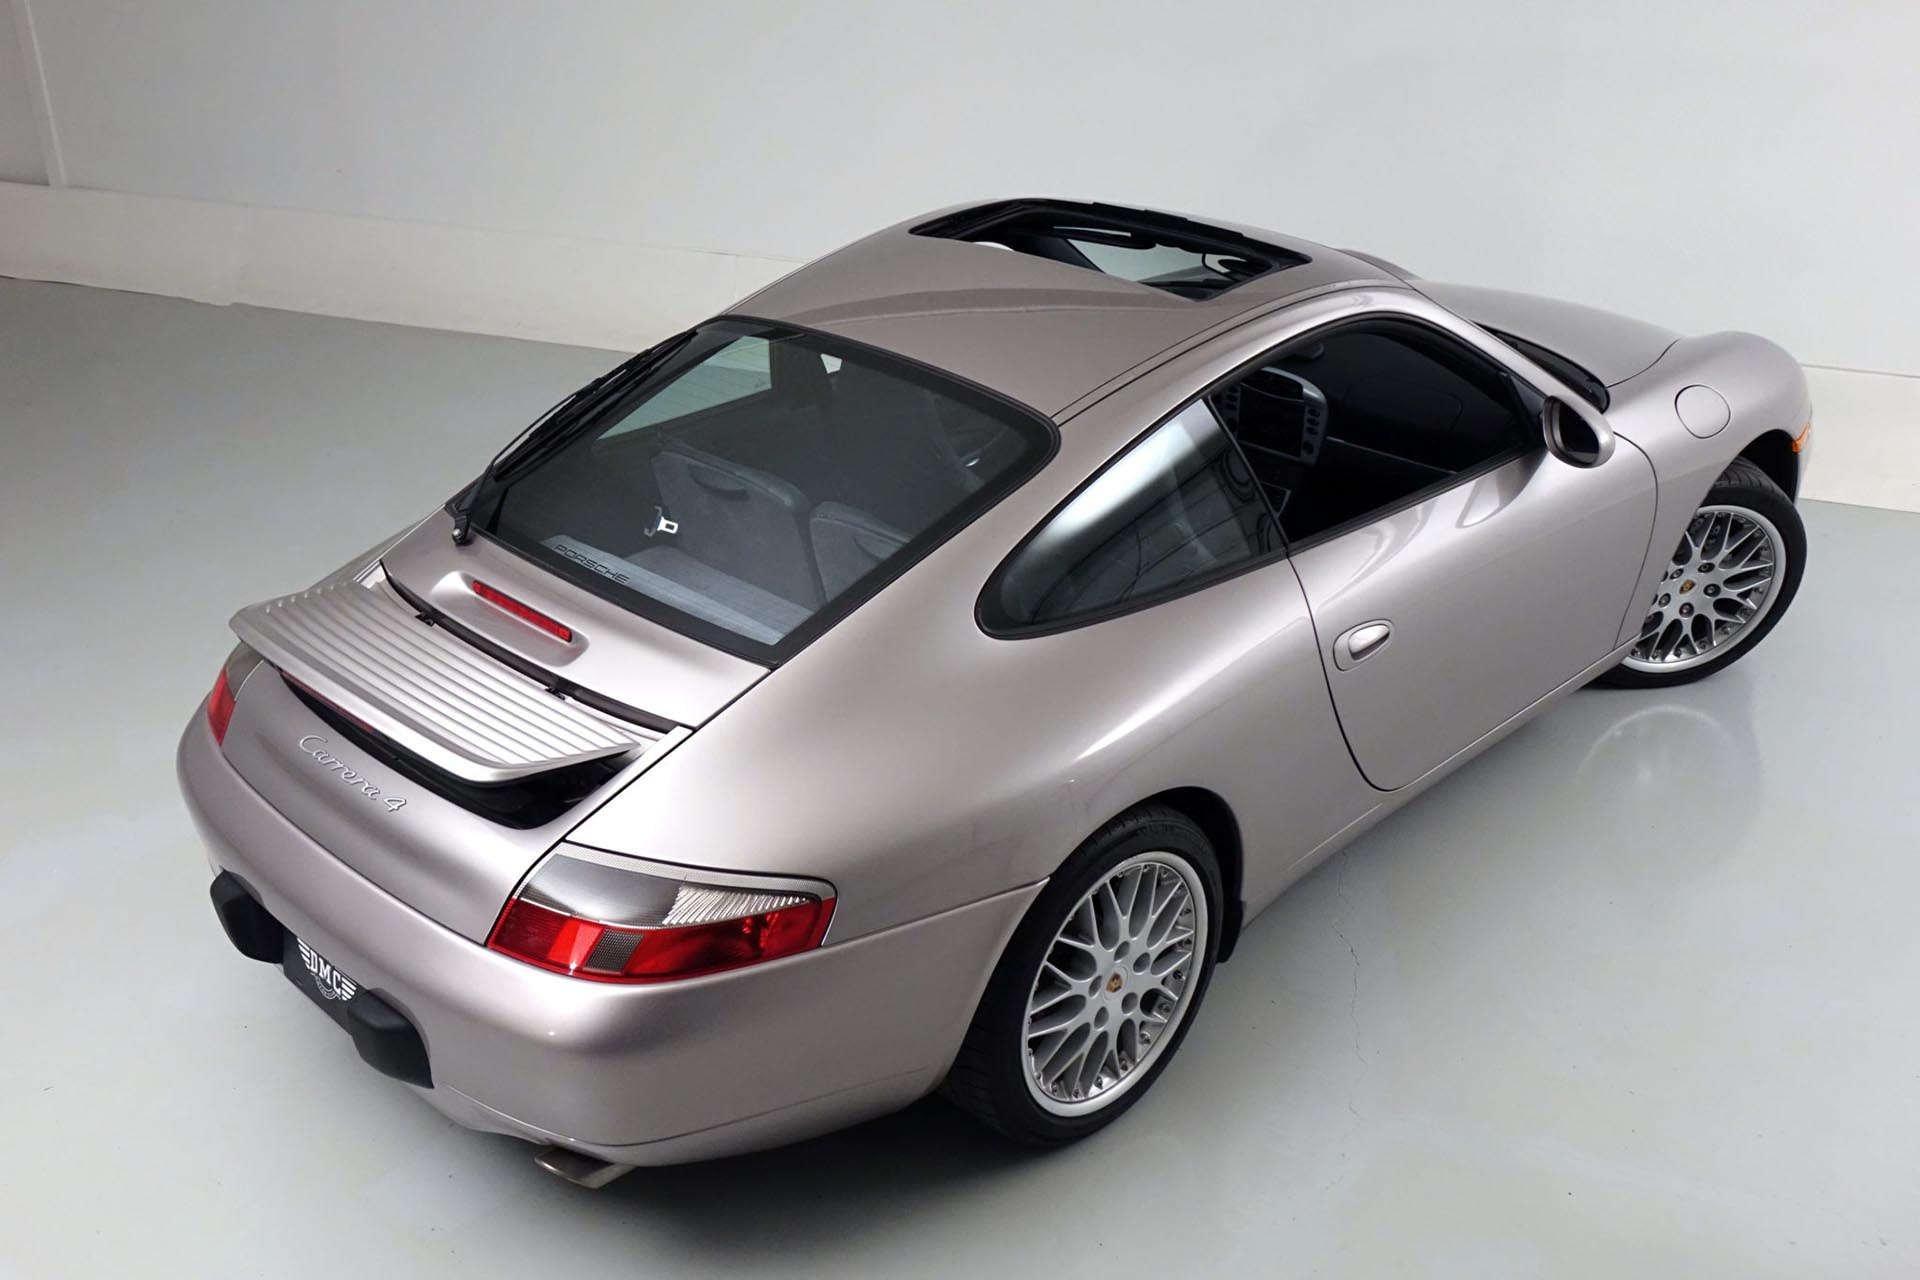 08_Porsche 996 911 Carrera 4 rear